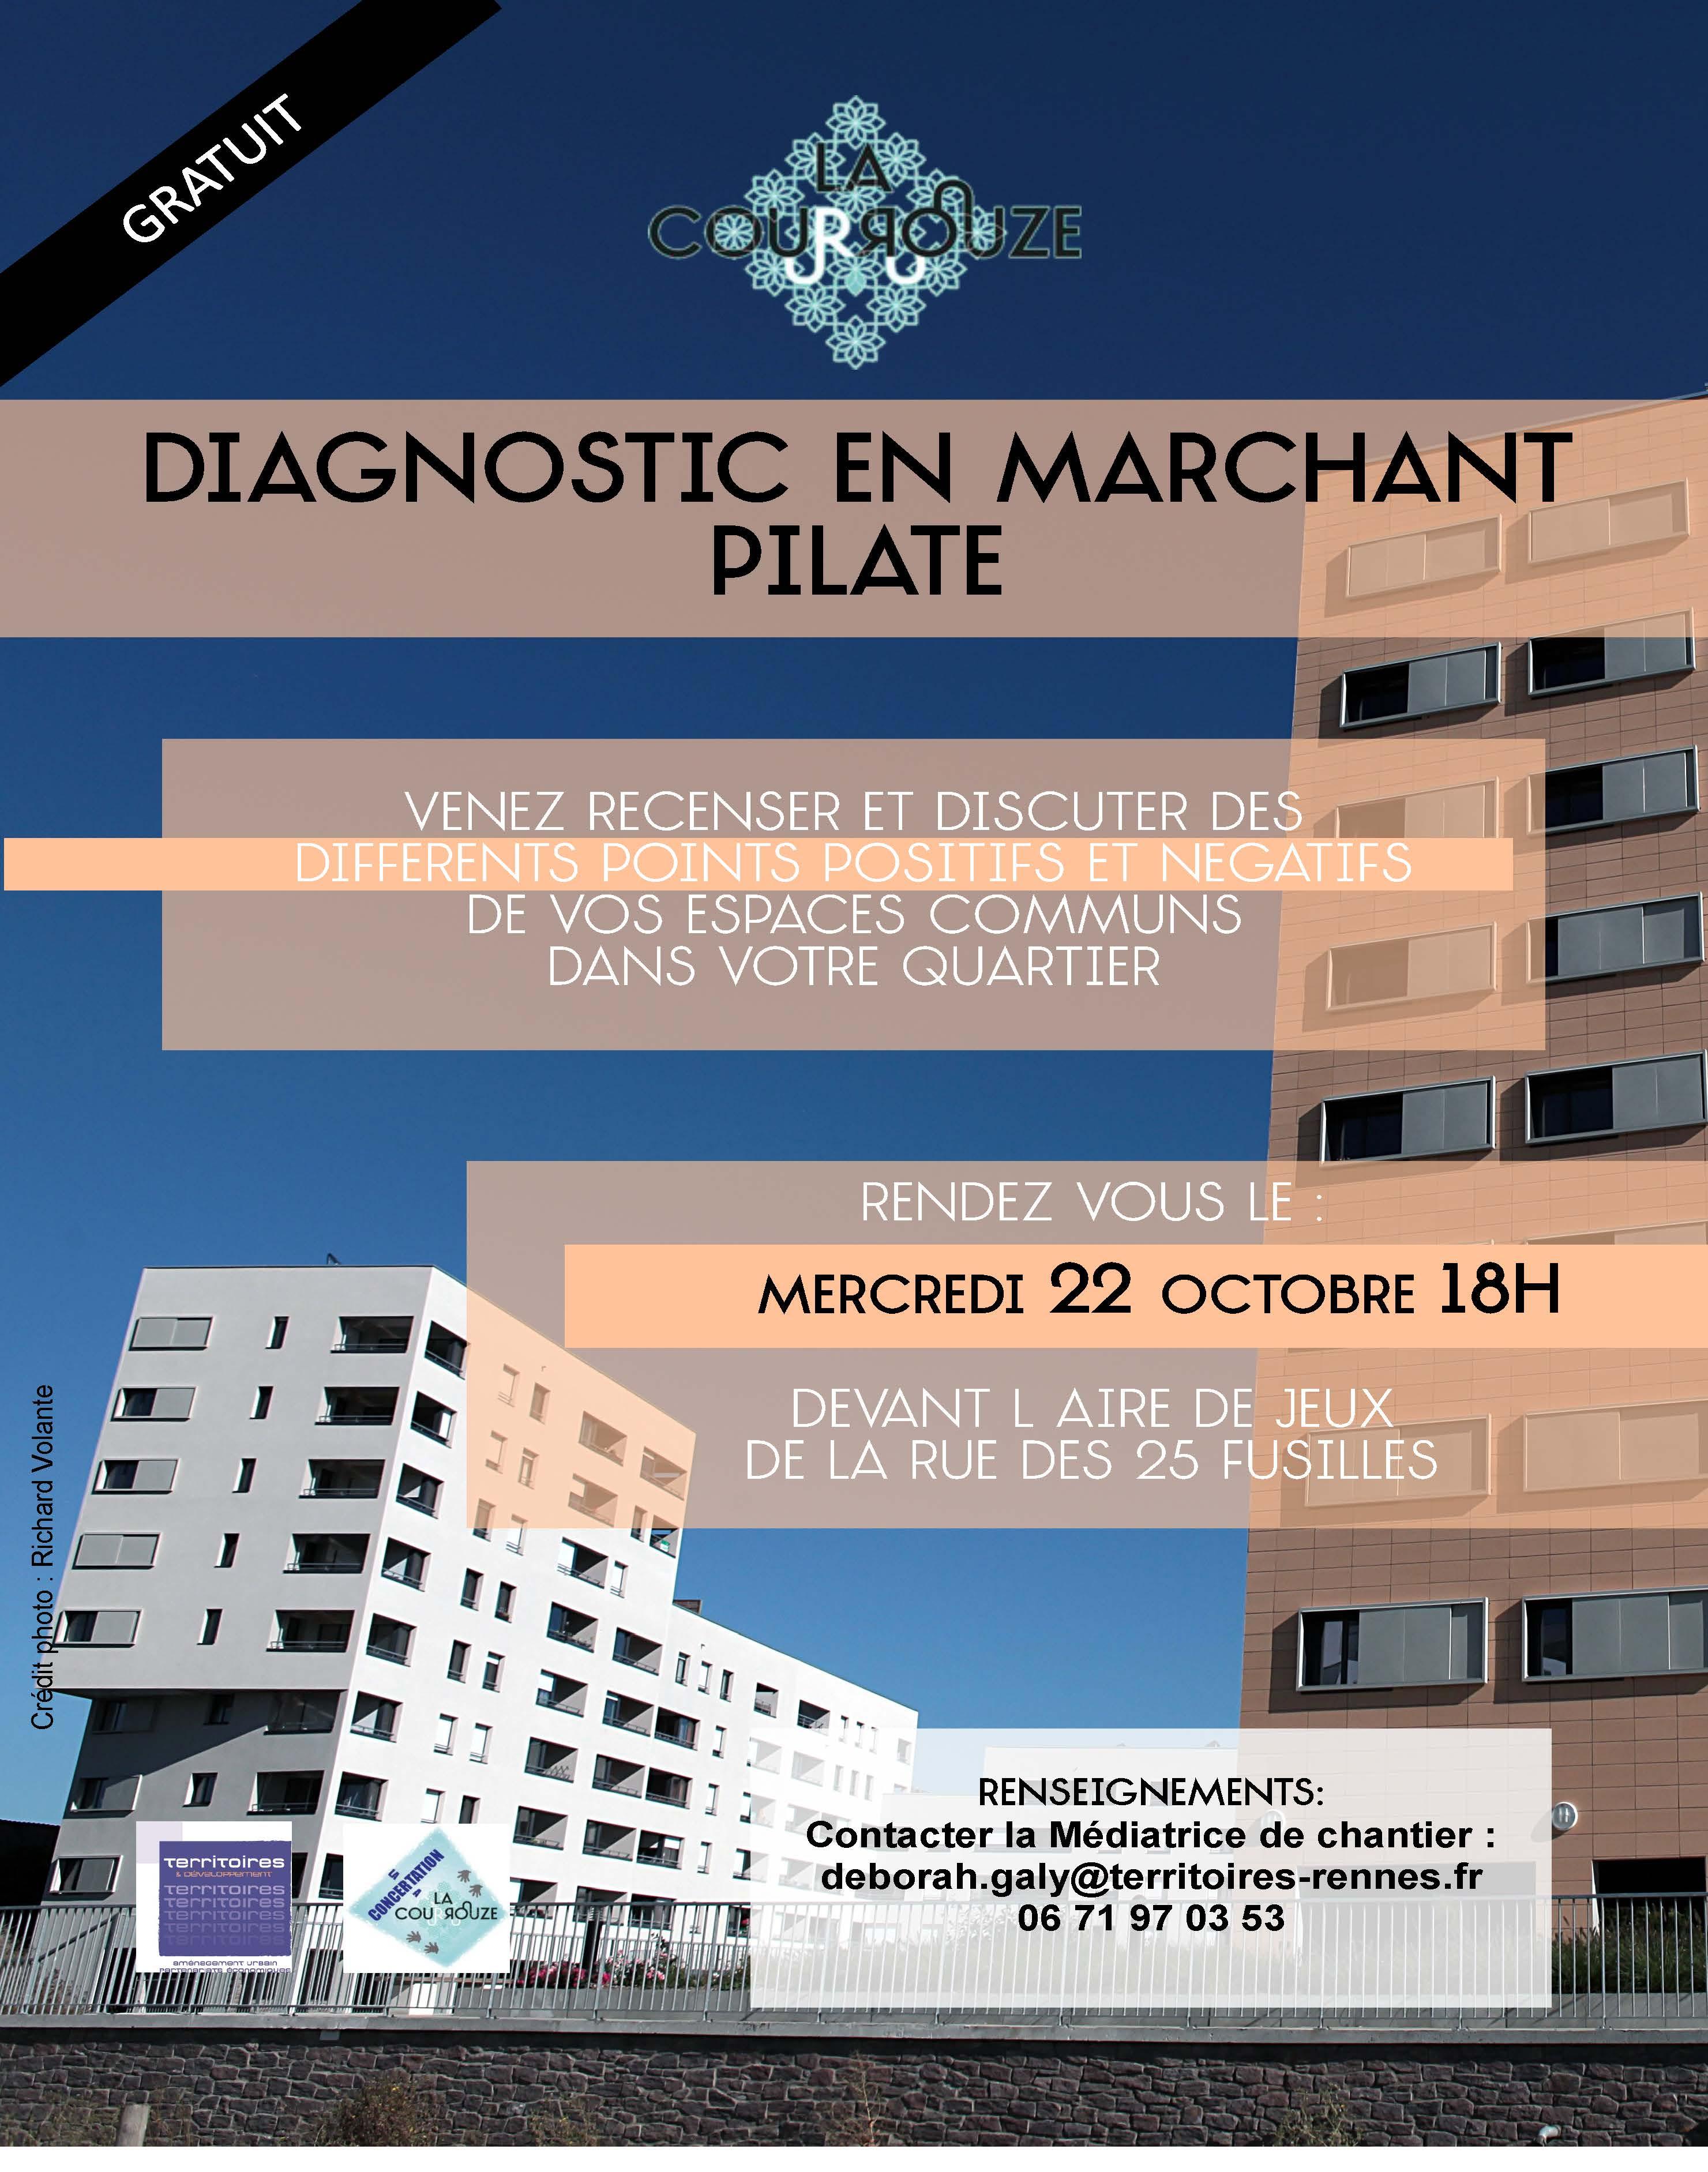 Affiche Diagnostic en Marchant Pilate 2014-1